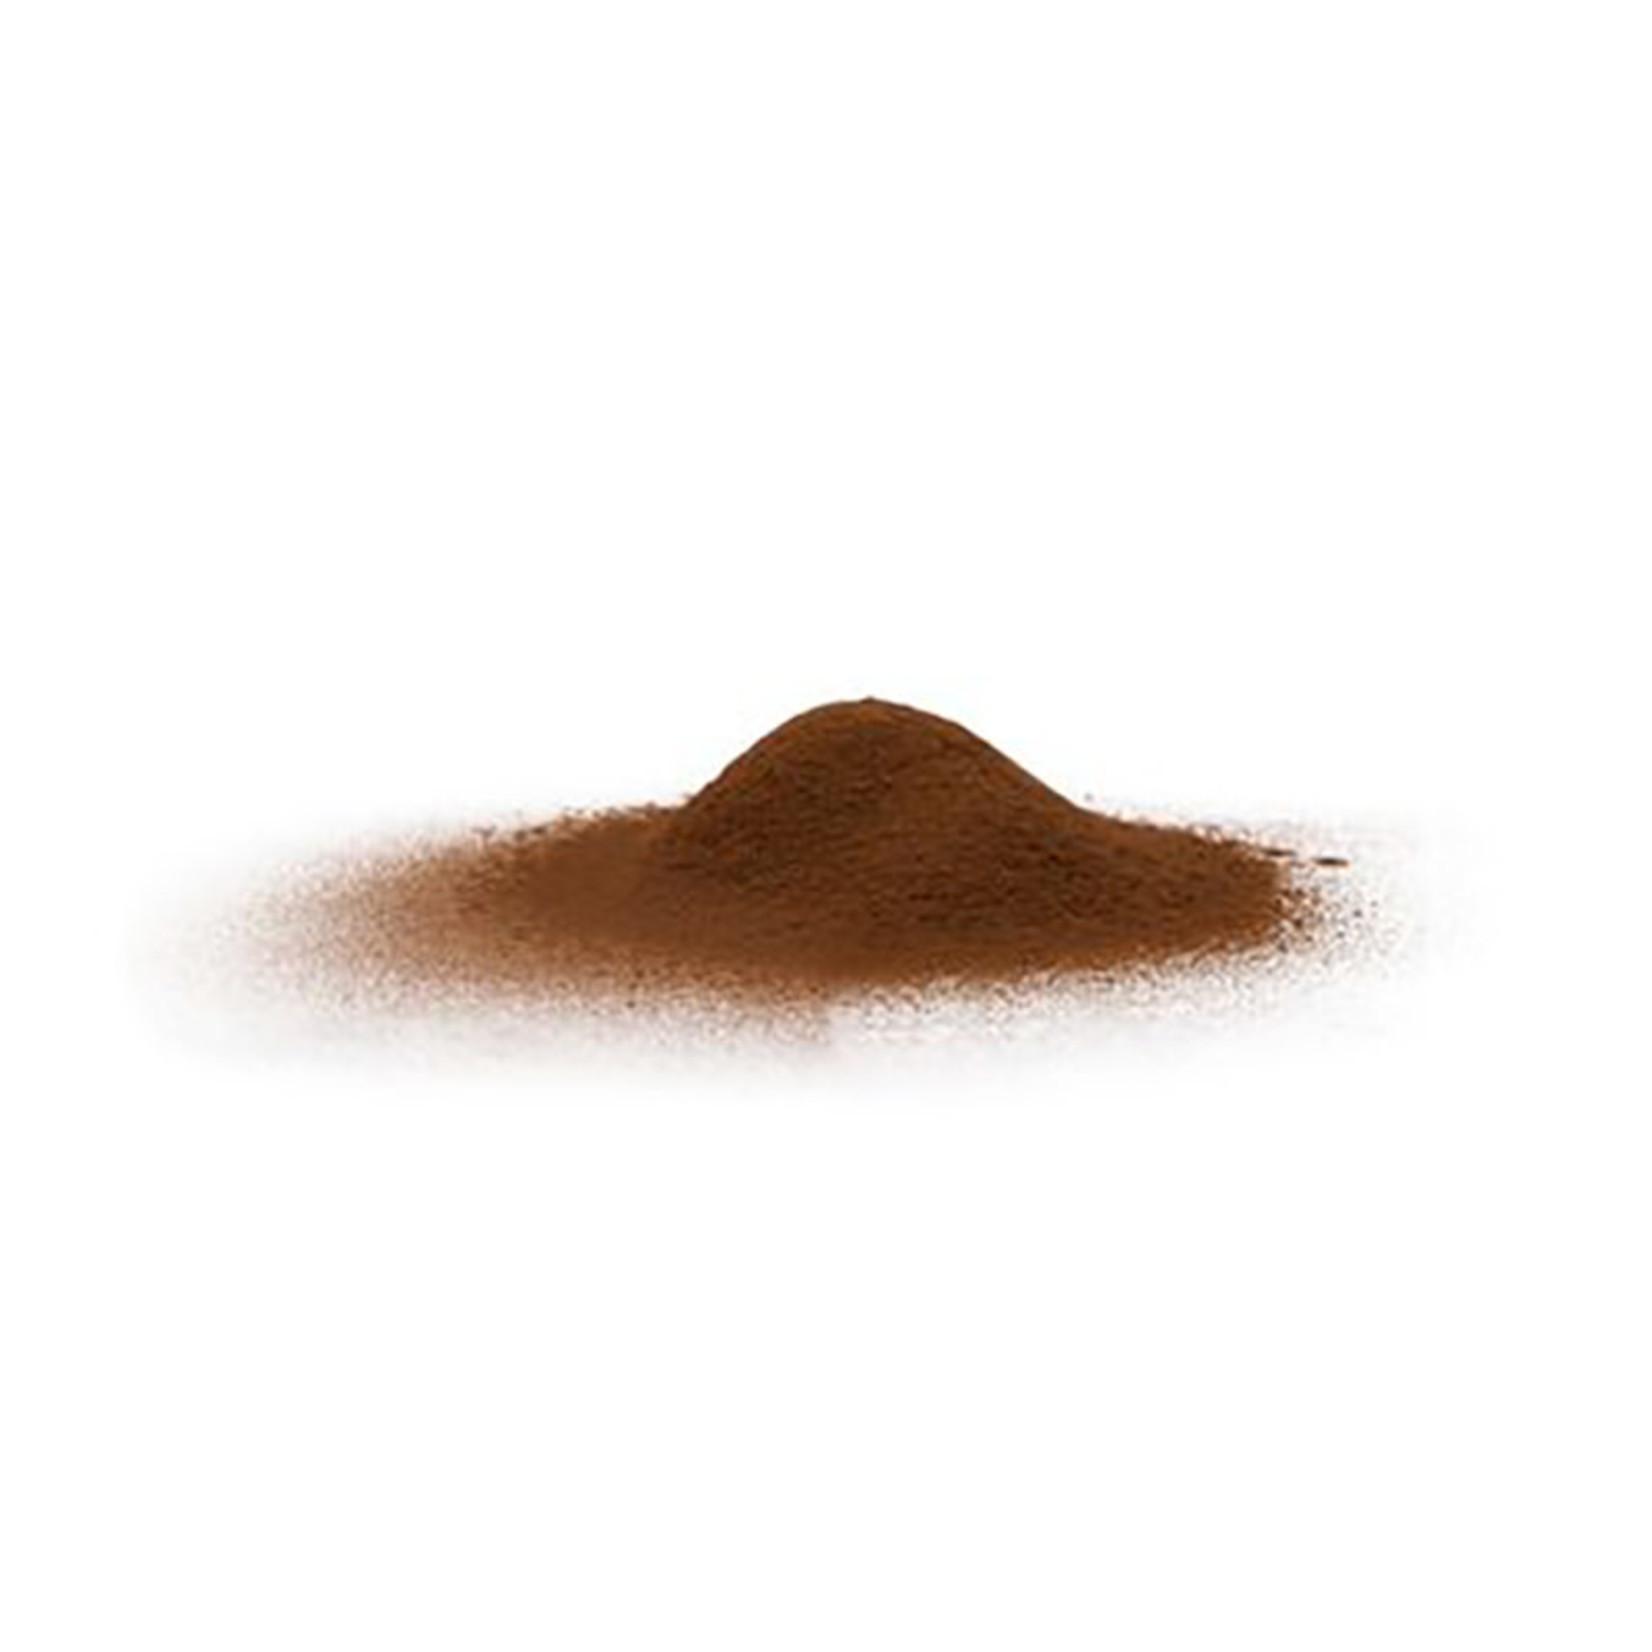 Valrhona Valrhona - Cocoa Powder - 2.2lb, 159-S